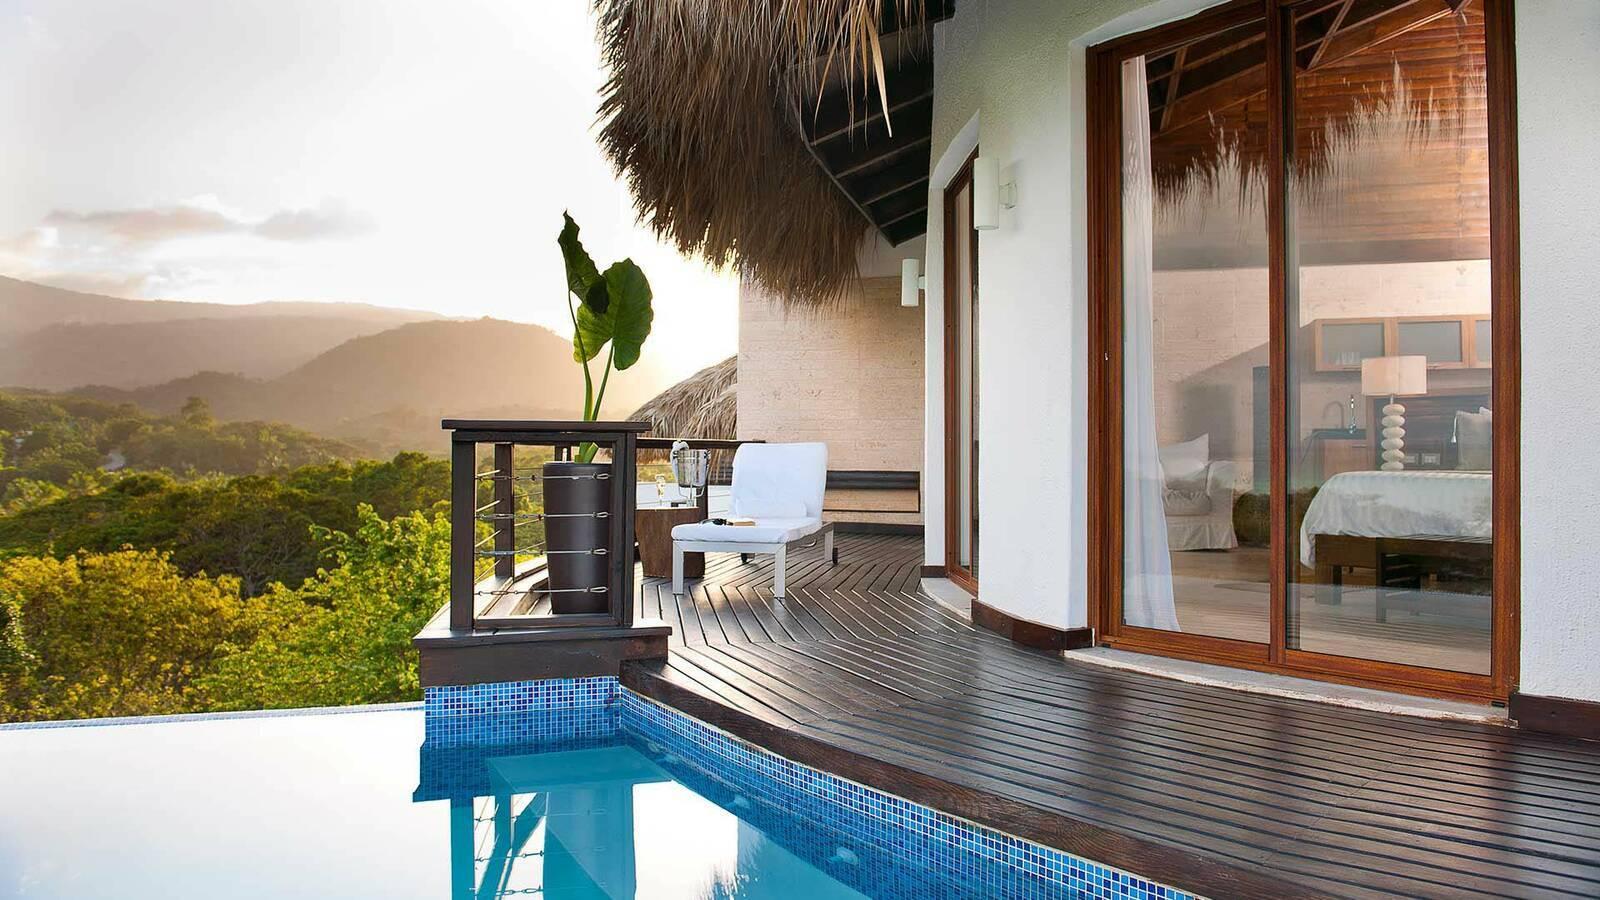 Casa Bonita Tropical Lodge Republique Dominicaine Ocean Suite